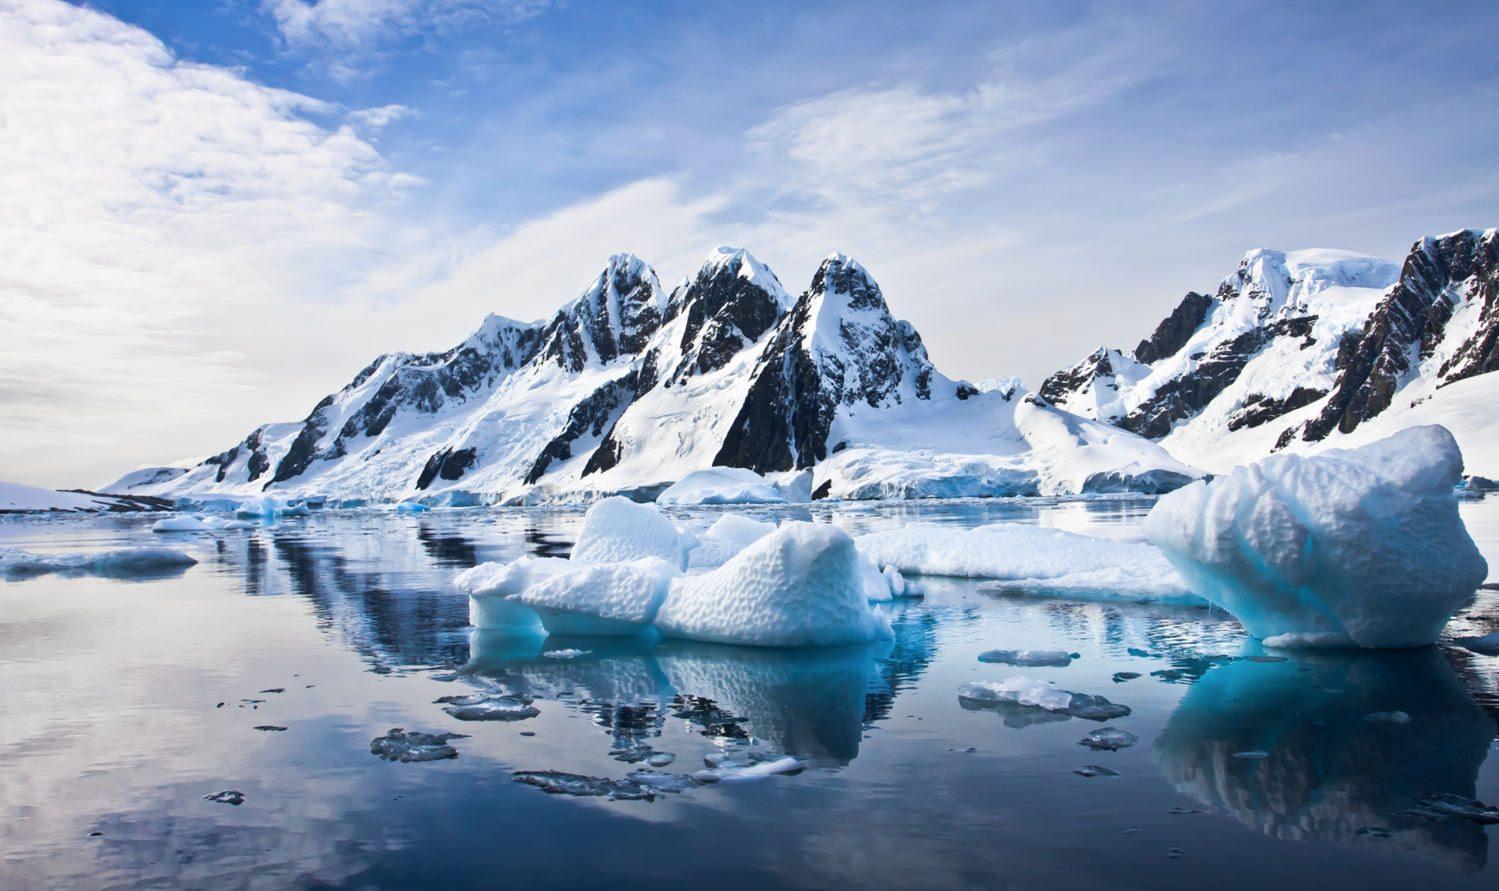 На «АтомЭко 2017» обсудят применение эффективных и безопасных технологий Росатома для развития Арктики